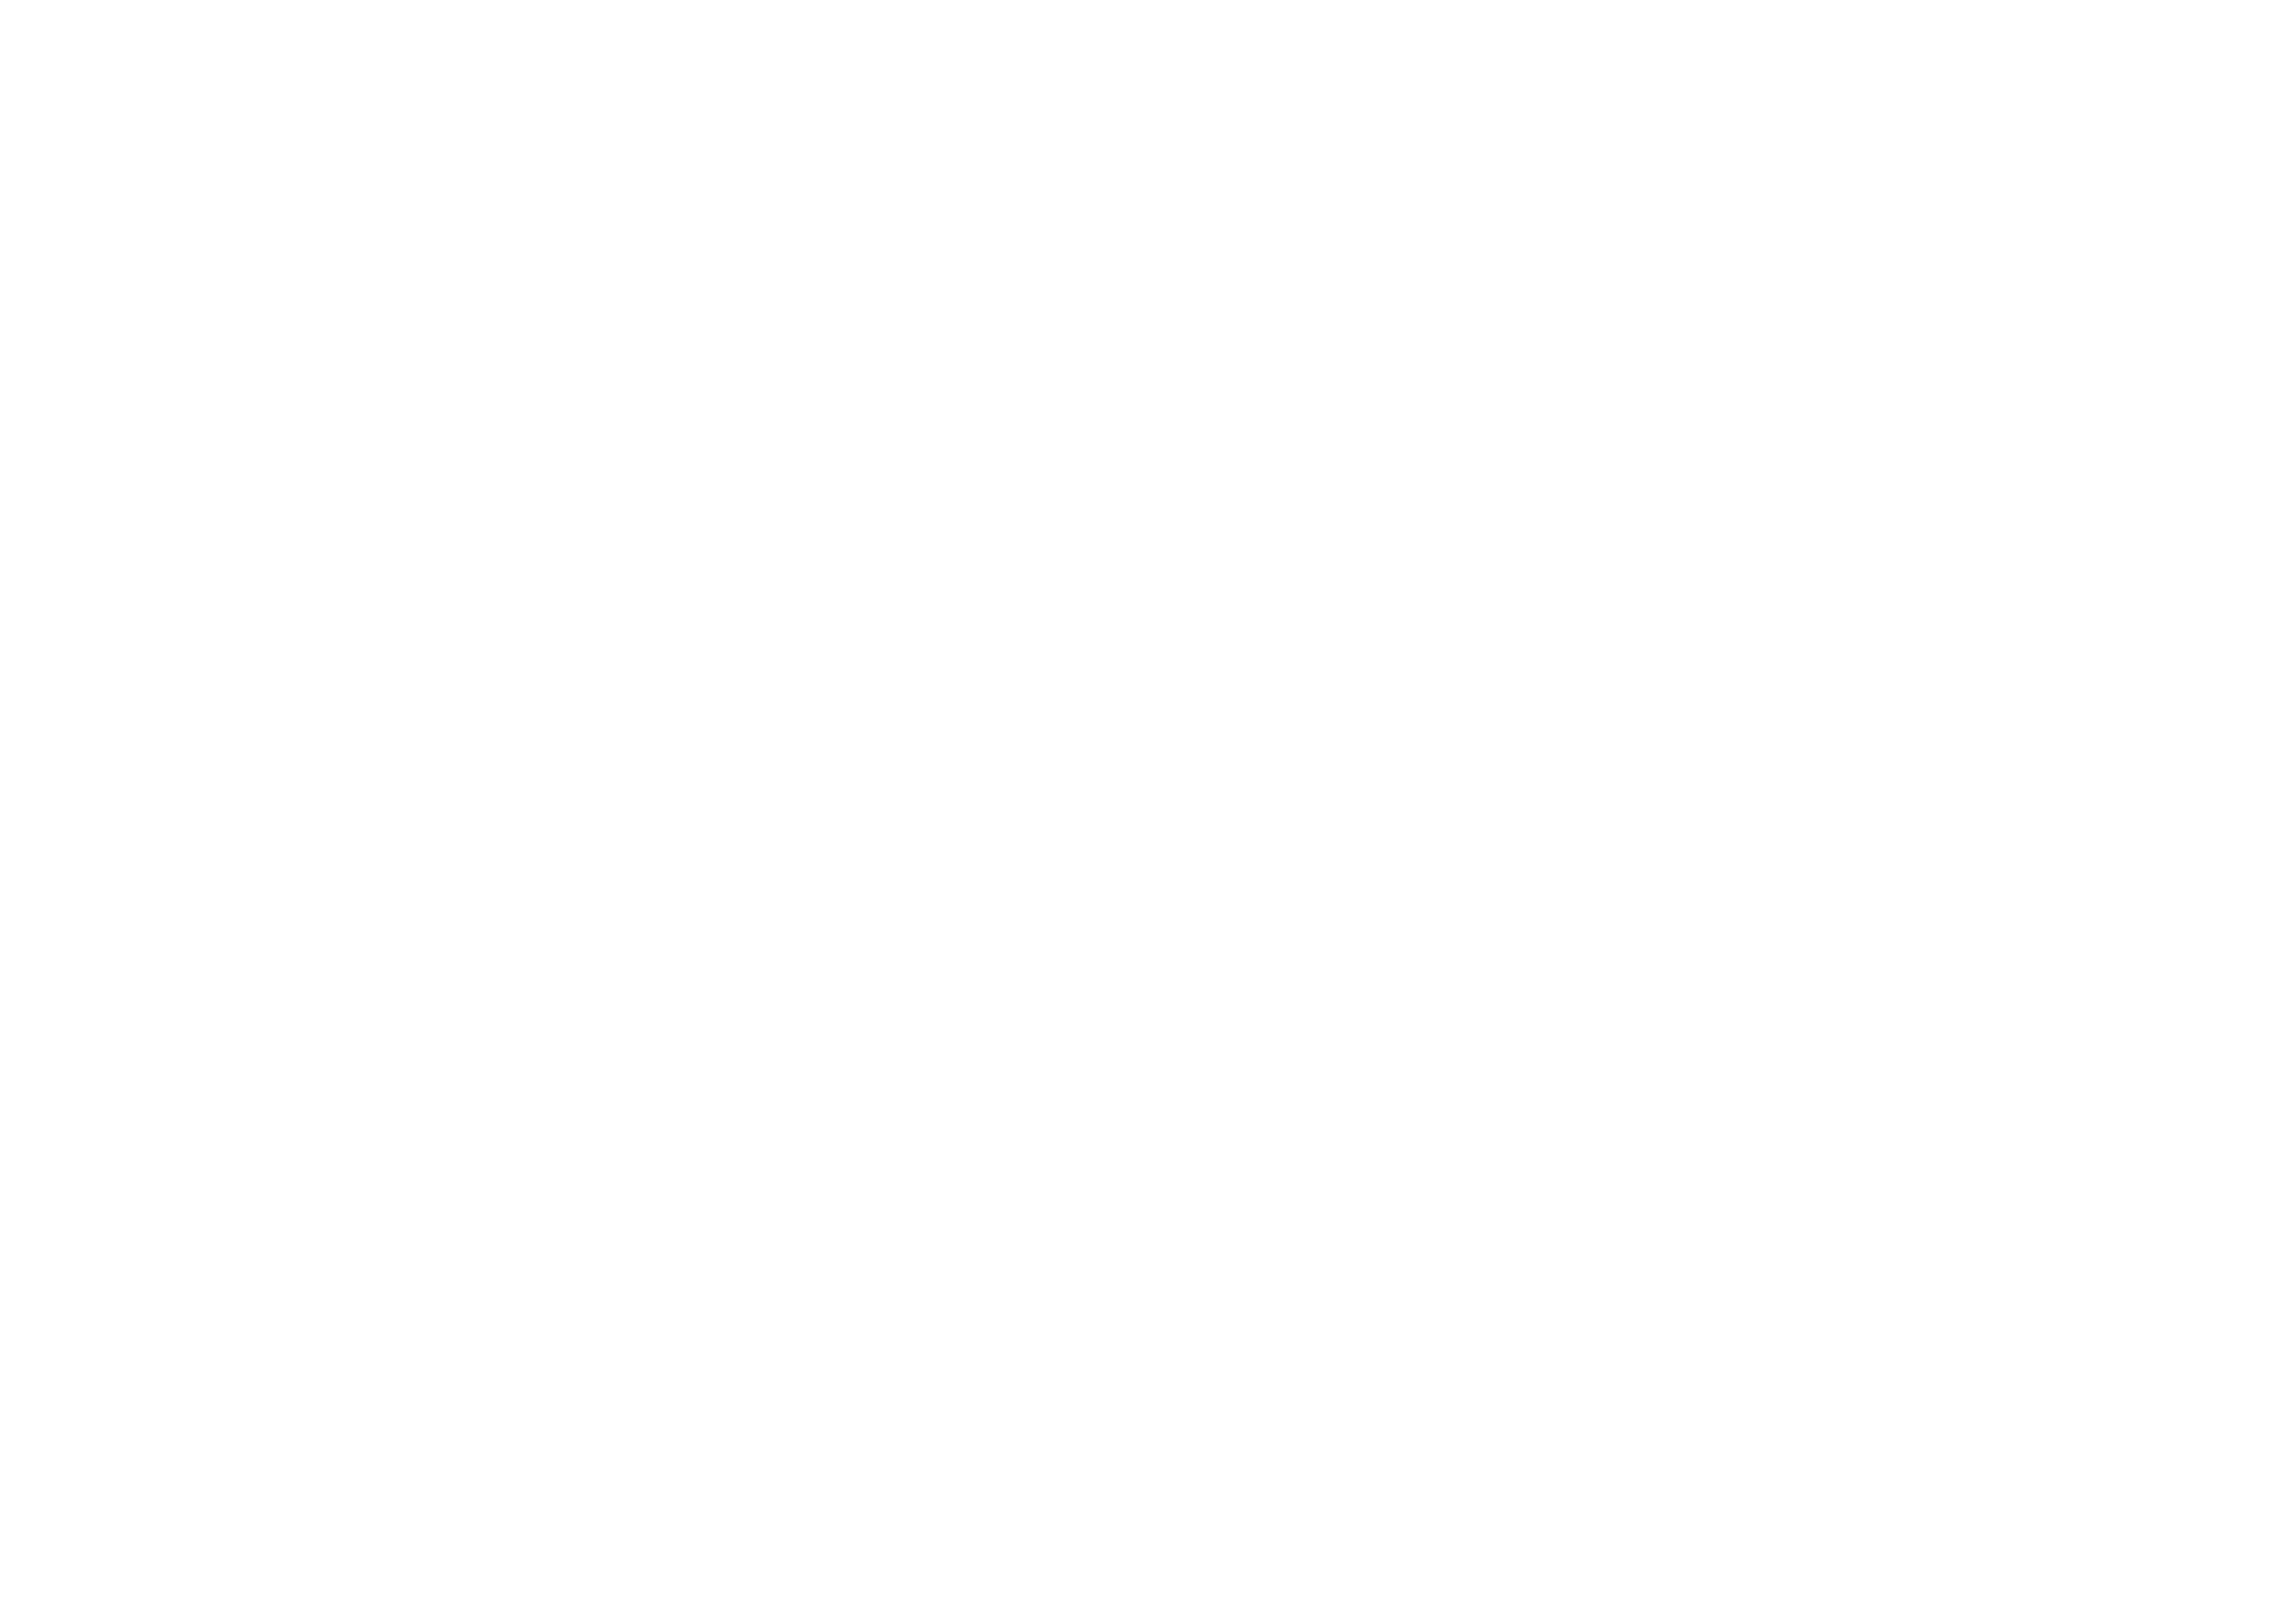 Kuchyňská baterie SCHOCK PILA chrom 541120